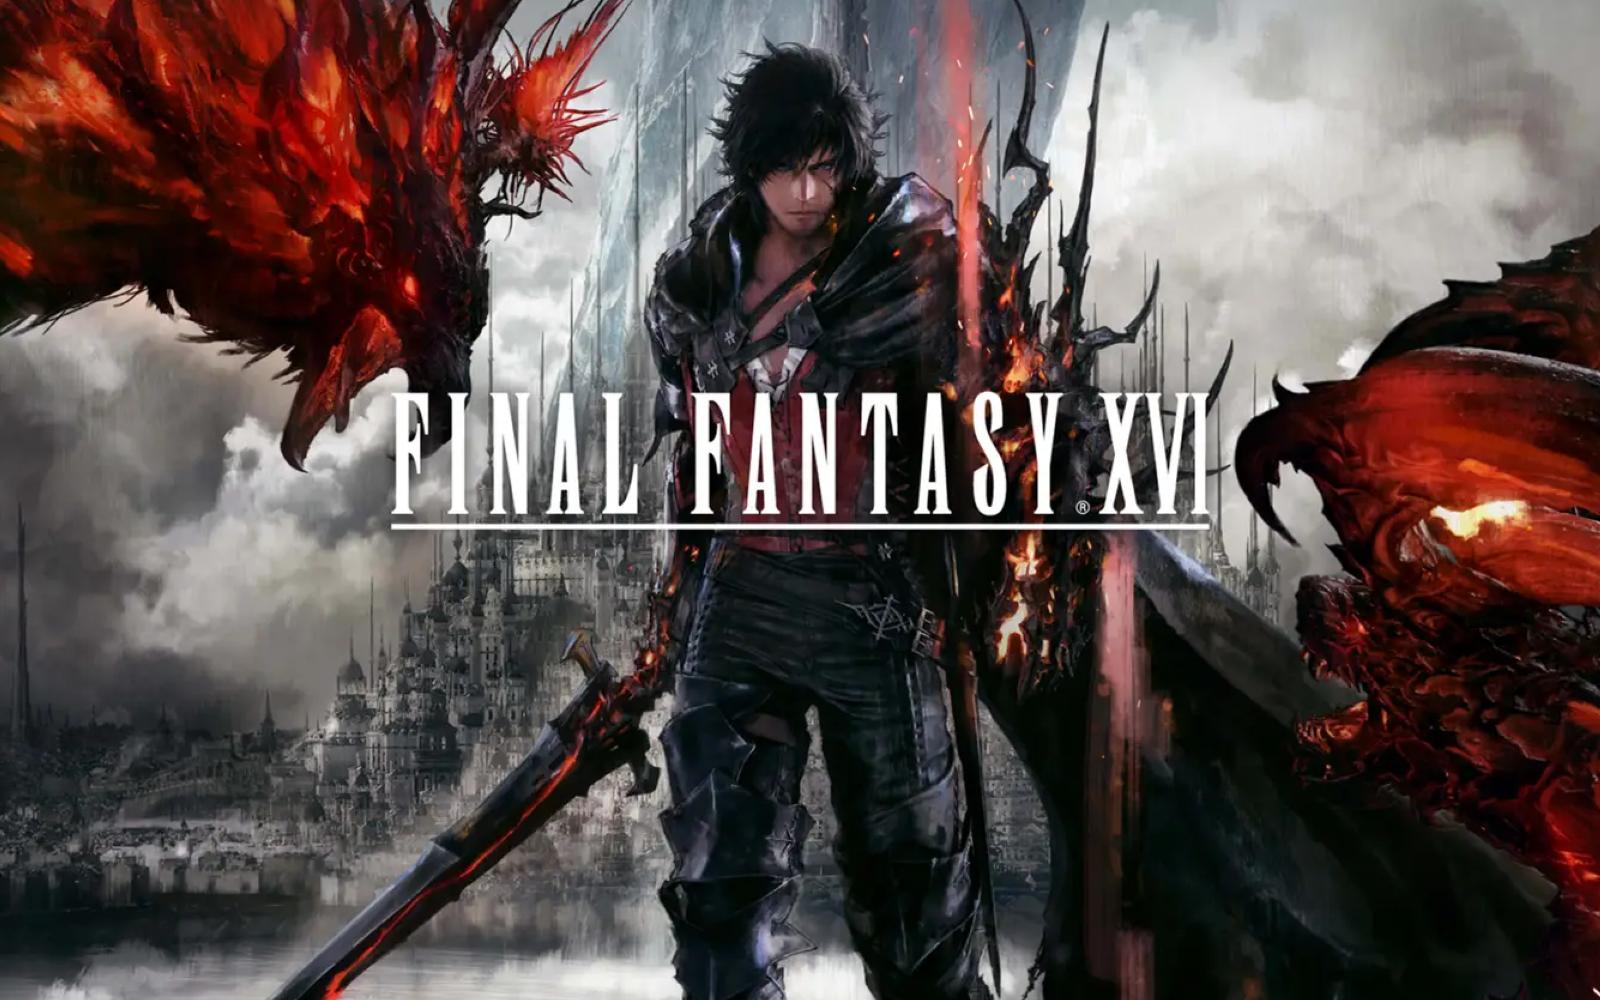 Final Fantasy XVI Gets New Artwork And Teaser Website